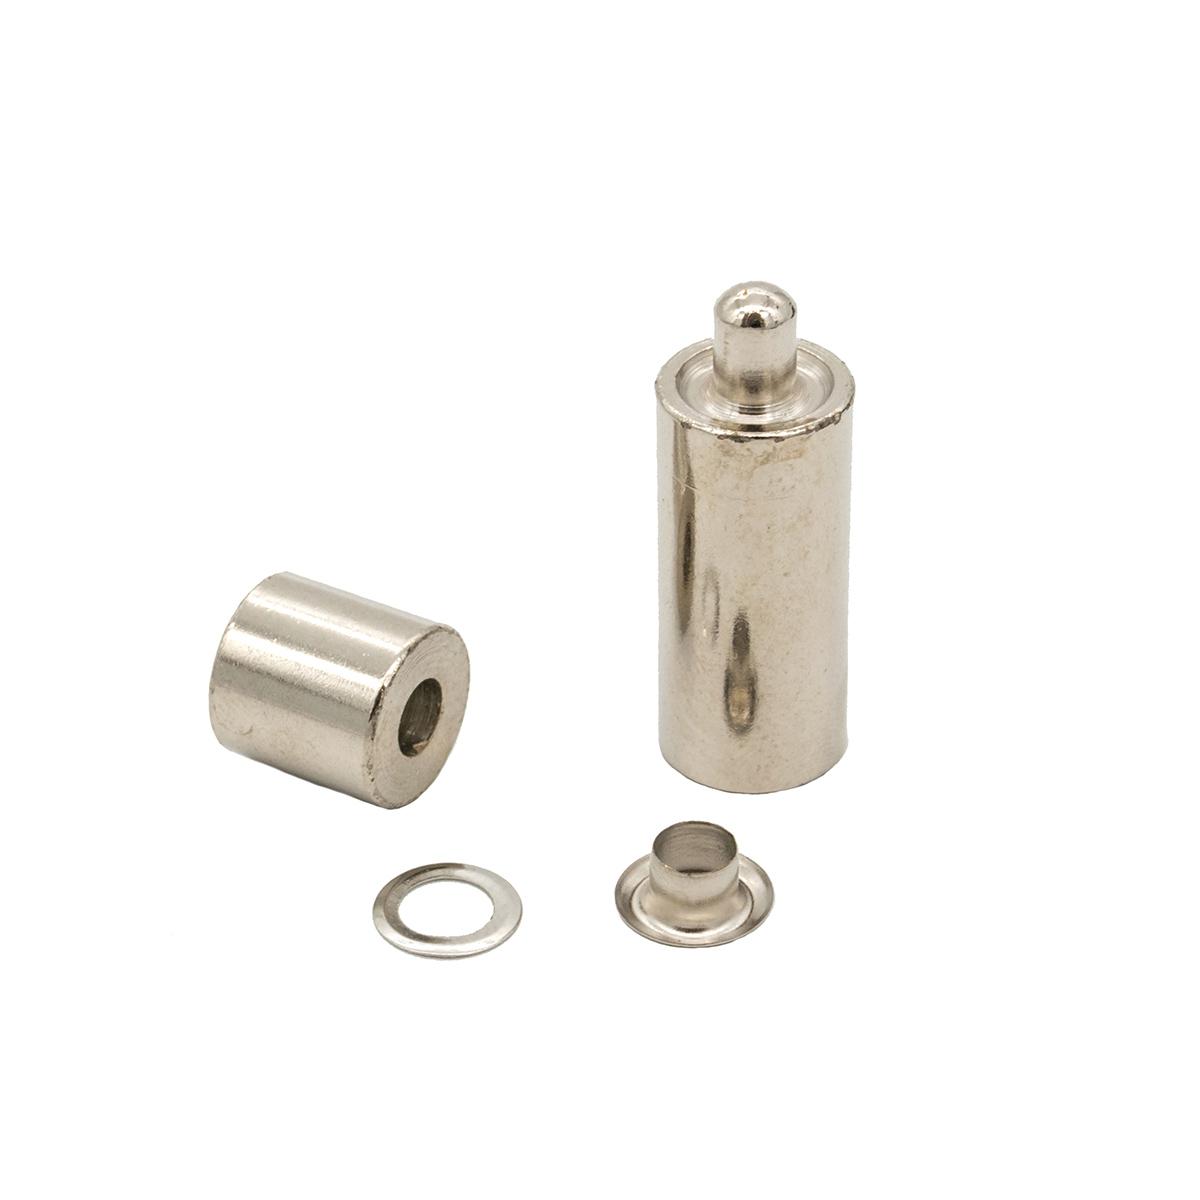 530410 Люверсы с инструментом для установки, никель, d 4 мм, упак./40 компл., Hobby&Pro